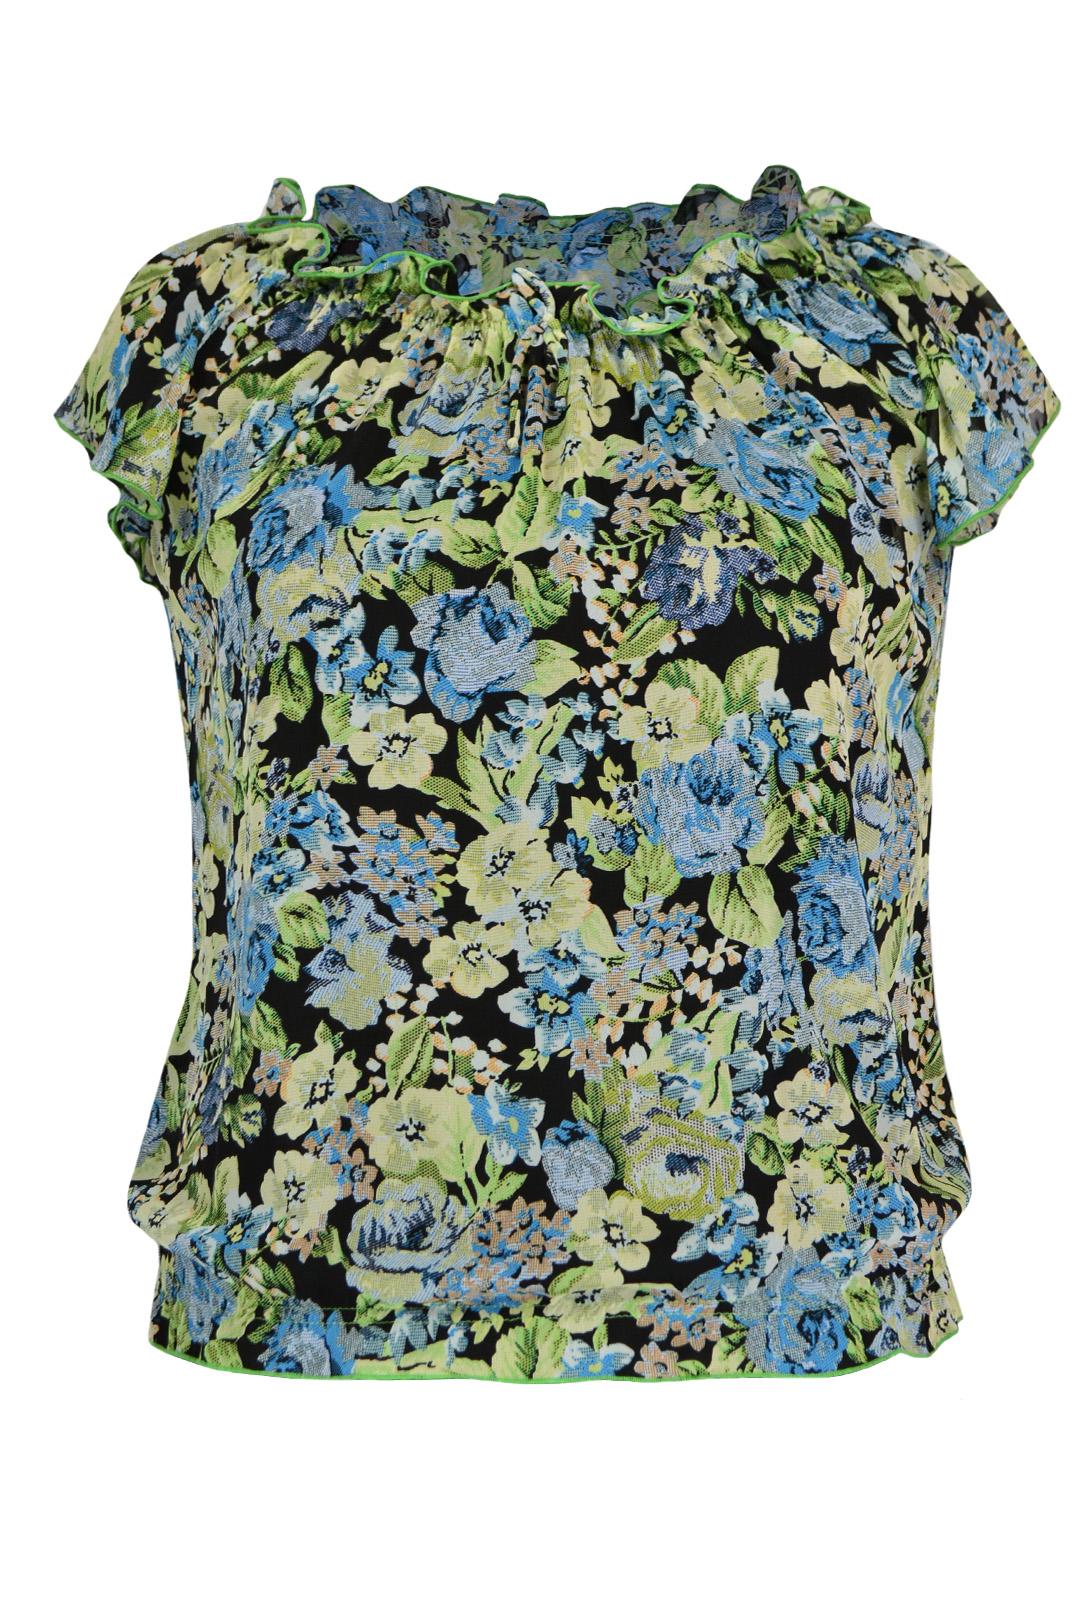 Купить блузку большого размера по низким ценам